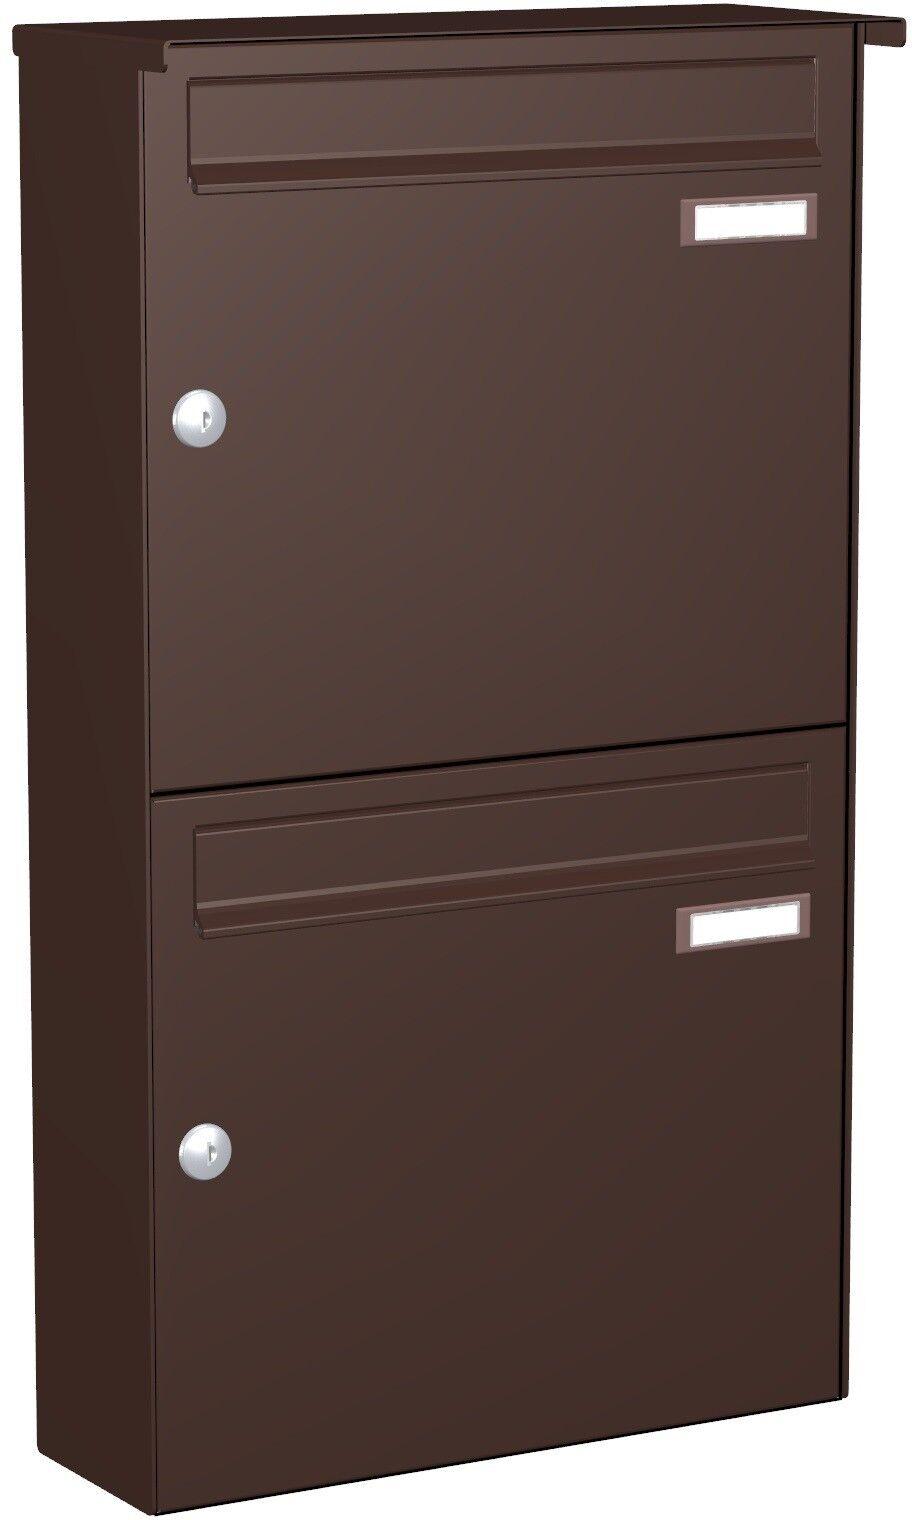 Doppel-Briefkasten Aufputz 2 er 2x Postkasten Wand Wand Wand Farbauswahl oder VA APH111 55ec96